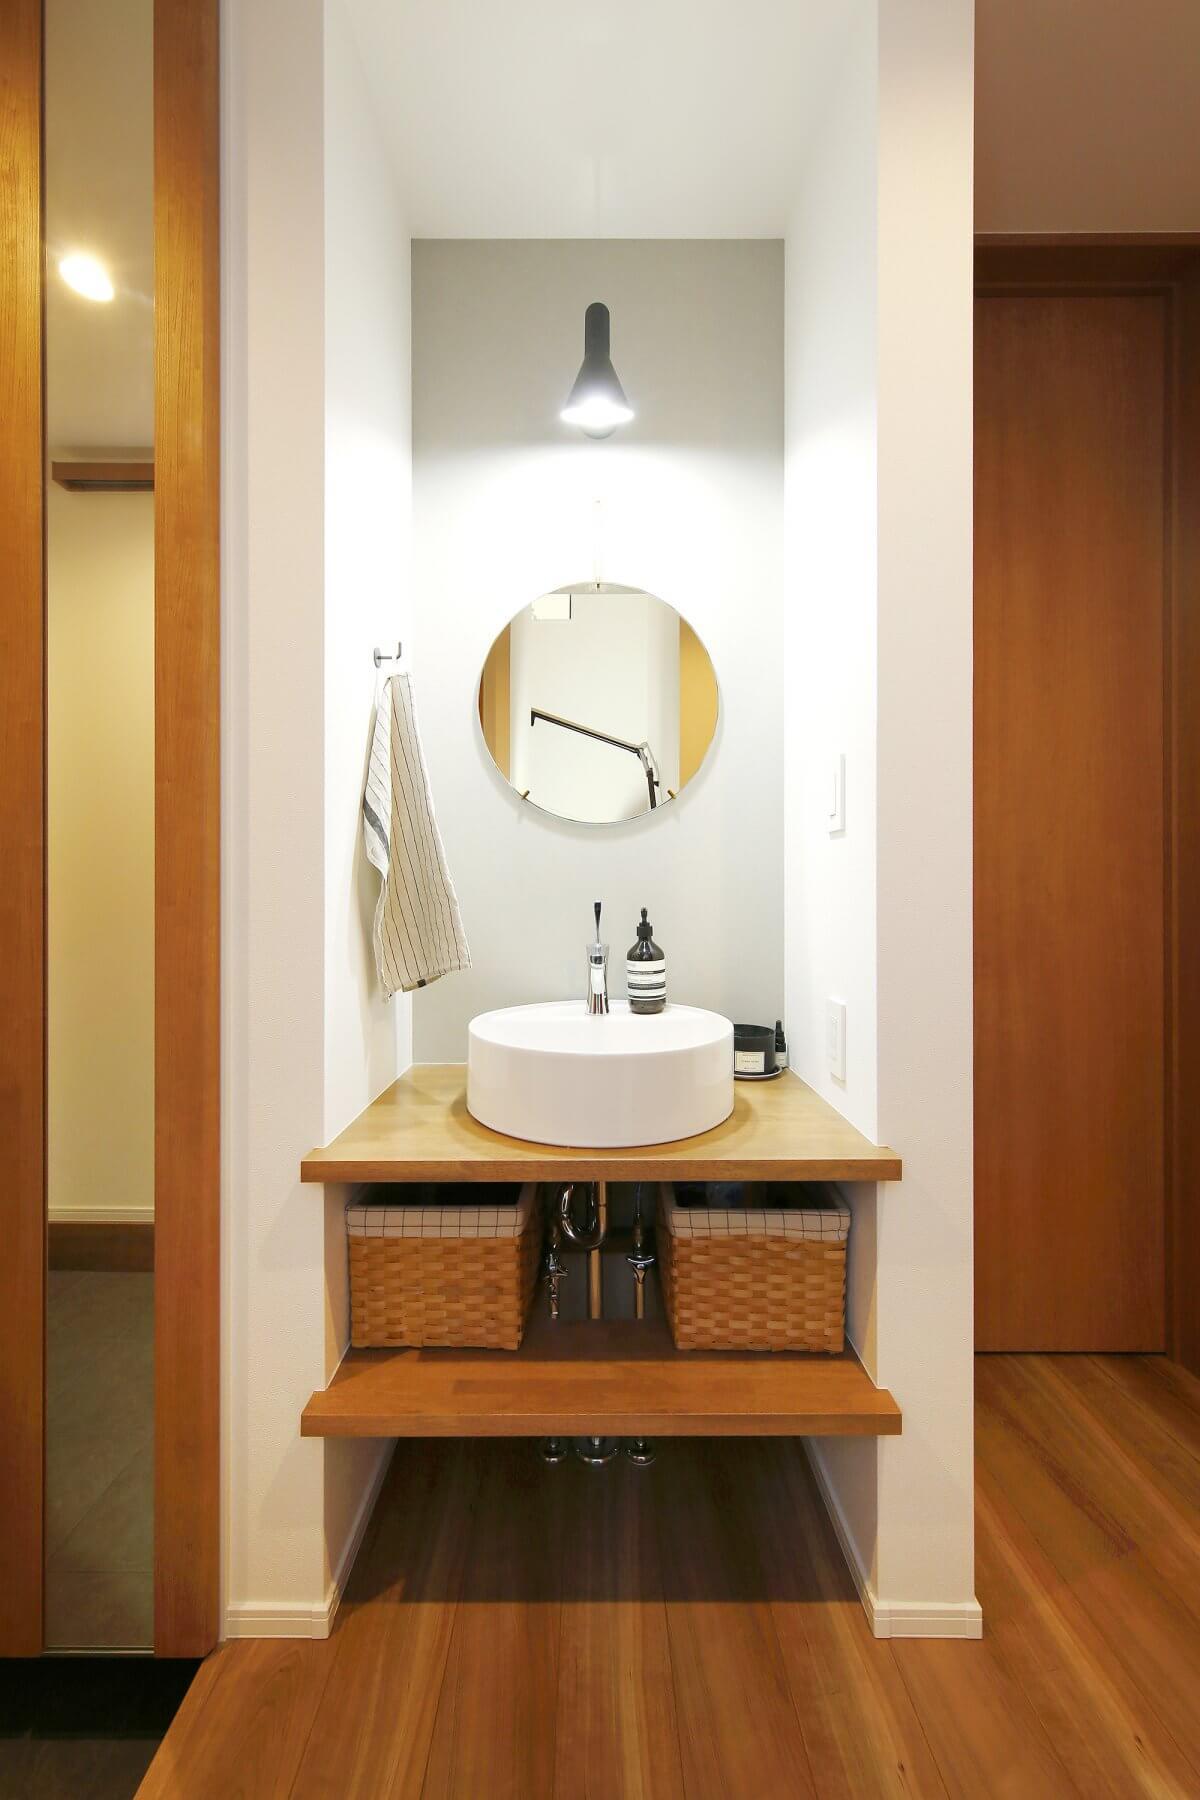 こだわりの洗面スペース。Aさんの理想を反映し、造作のオリジナルで形にした逸品。